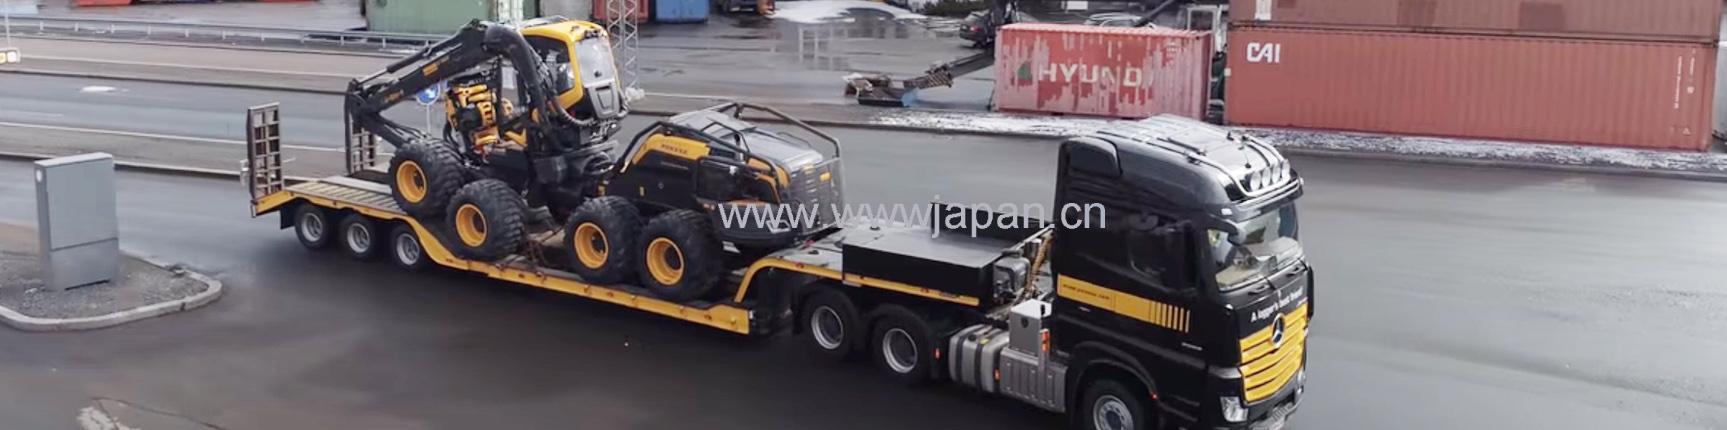 庞赛二手伐木机BEAVER、Ergo6w、8w旧Ponsse伐木机进口采购海运清关送货门到门服务平台